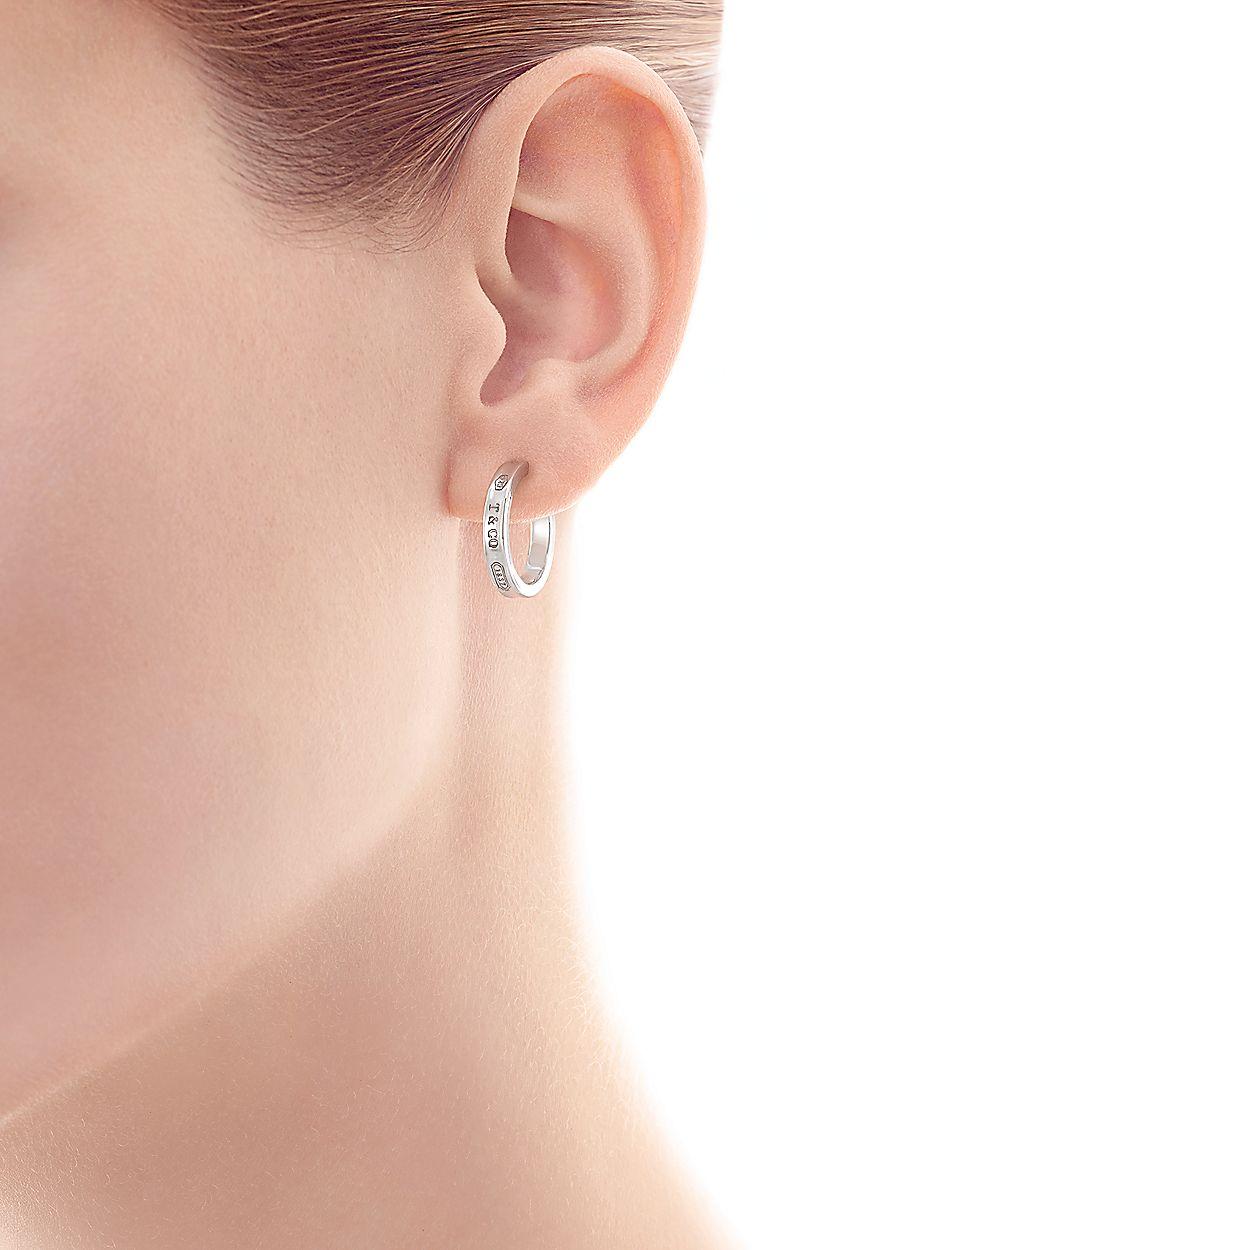 b8e72cfb8 Tiffany 1837® narrow hoop earrings in sterling silver, small ...